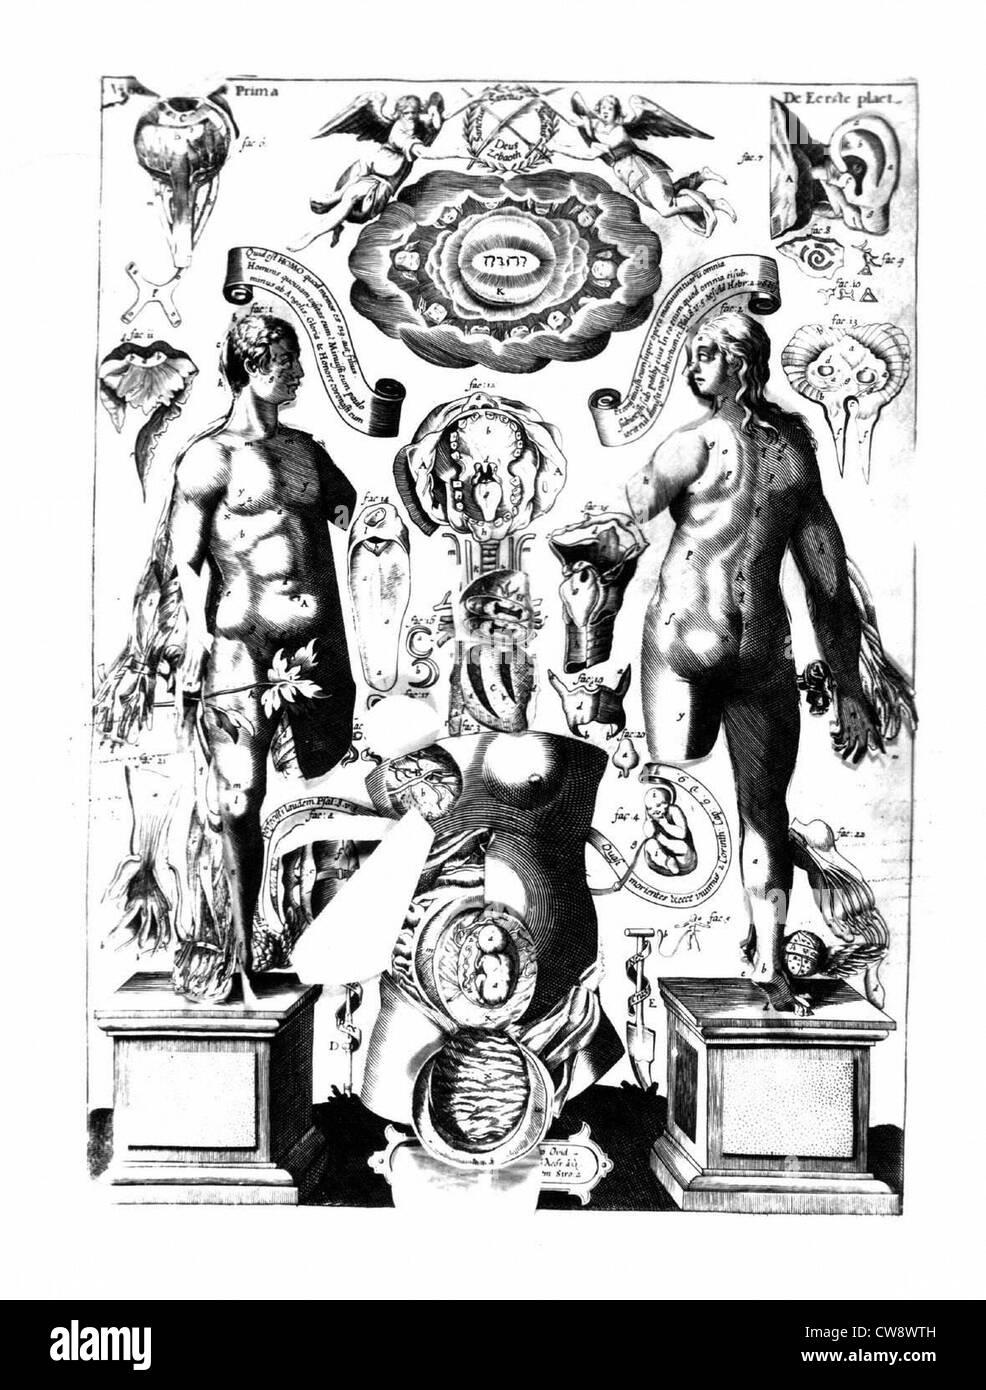 Female anatomy - Stock Image